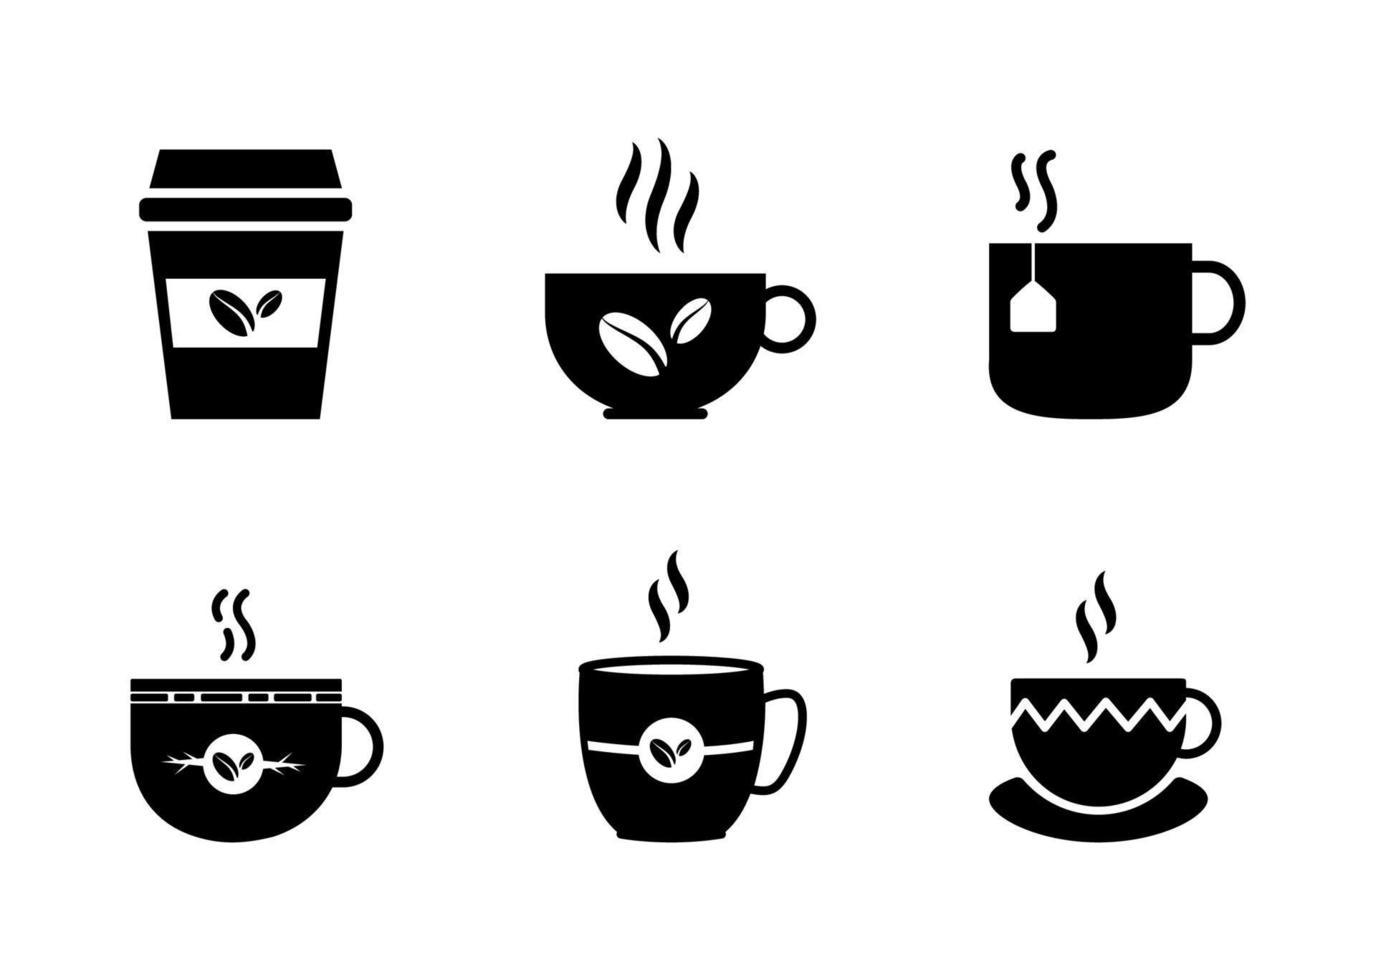 conjunto de ícones de xícara de café - ilustração vetorial. vetor